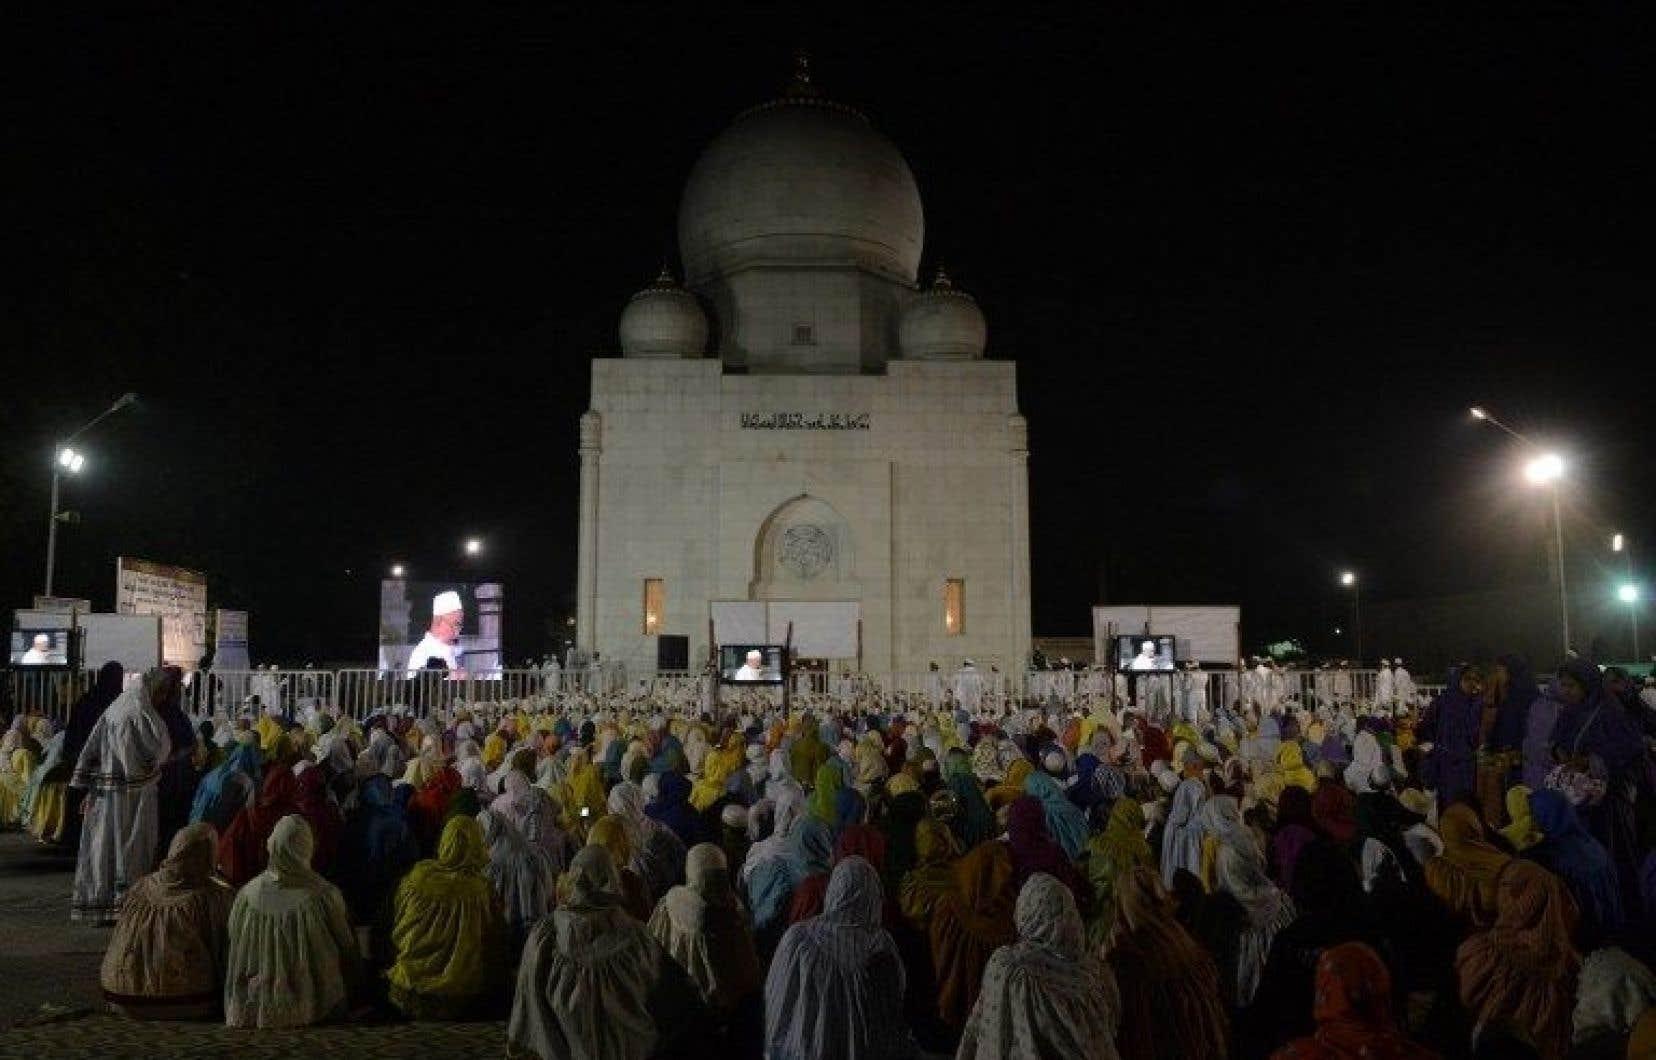 Les indo-musulmans sont une «minorité» de 170 millions de personnes, ce qui en fait la troisième communauté musulmane la plus nombreuse au monde, après l'Indonésie et le Pakistan.